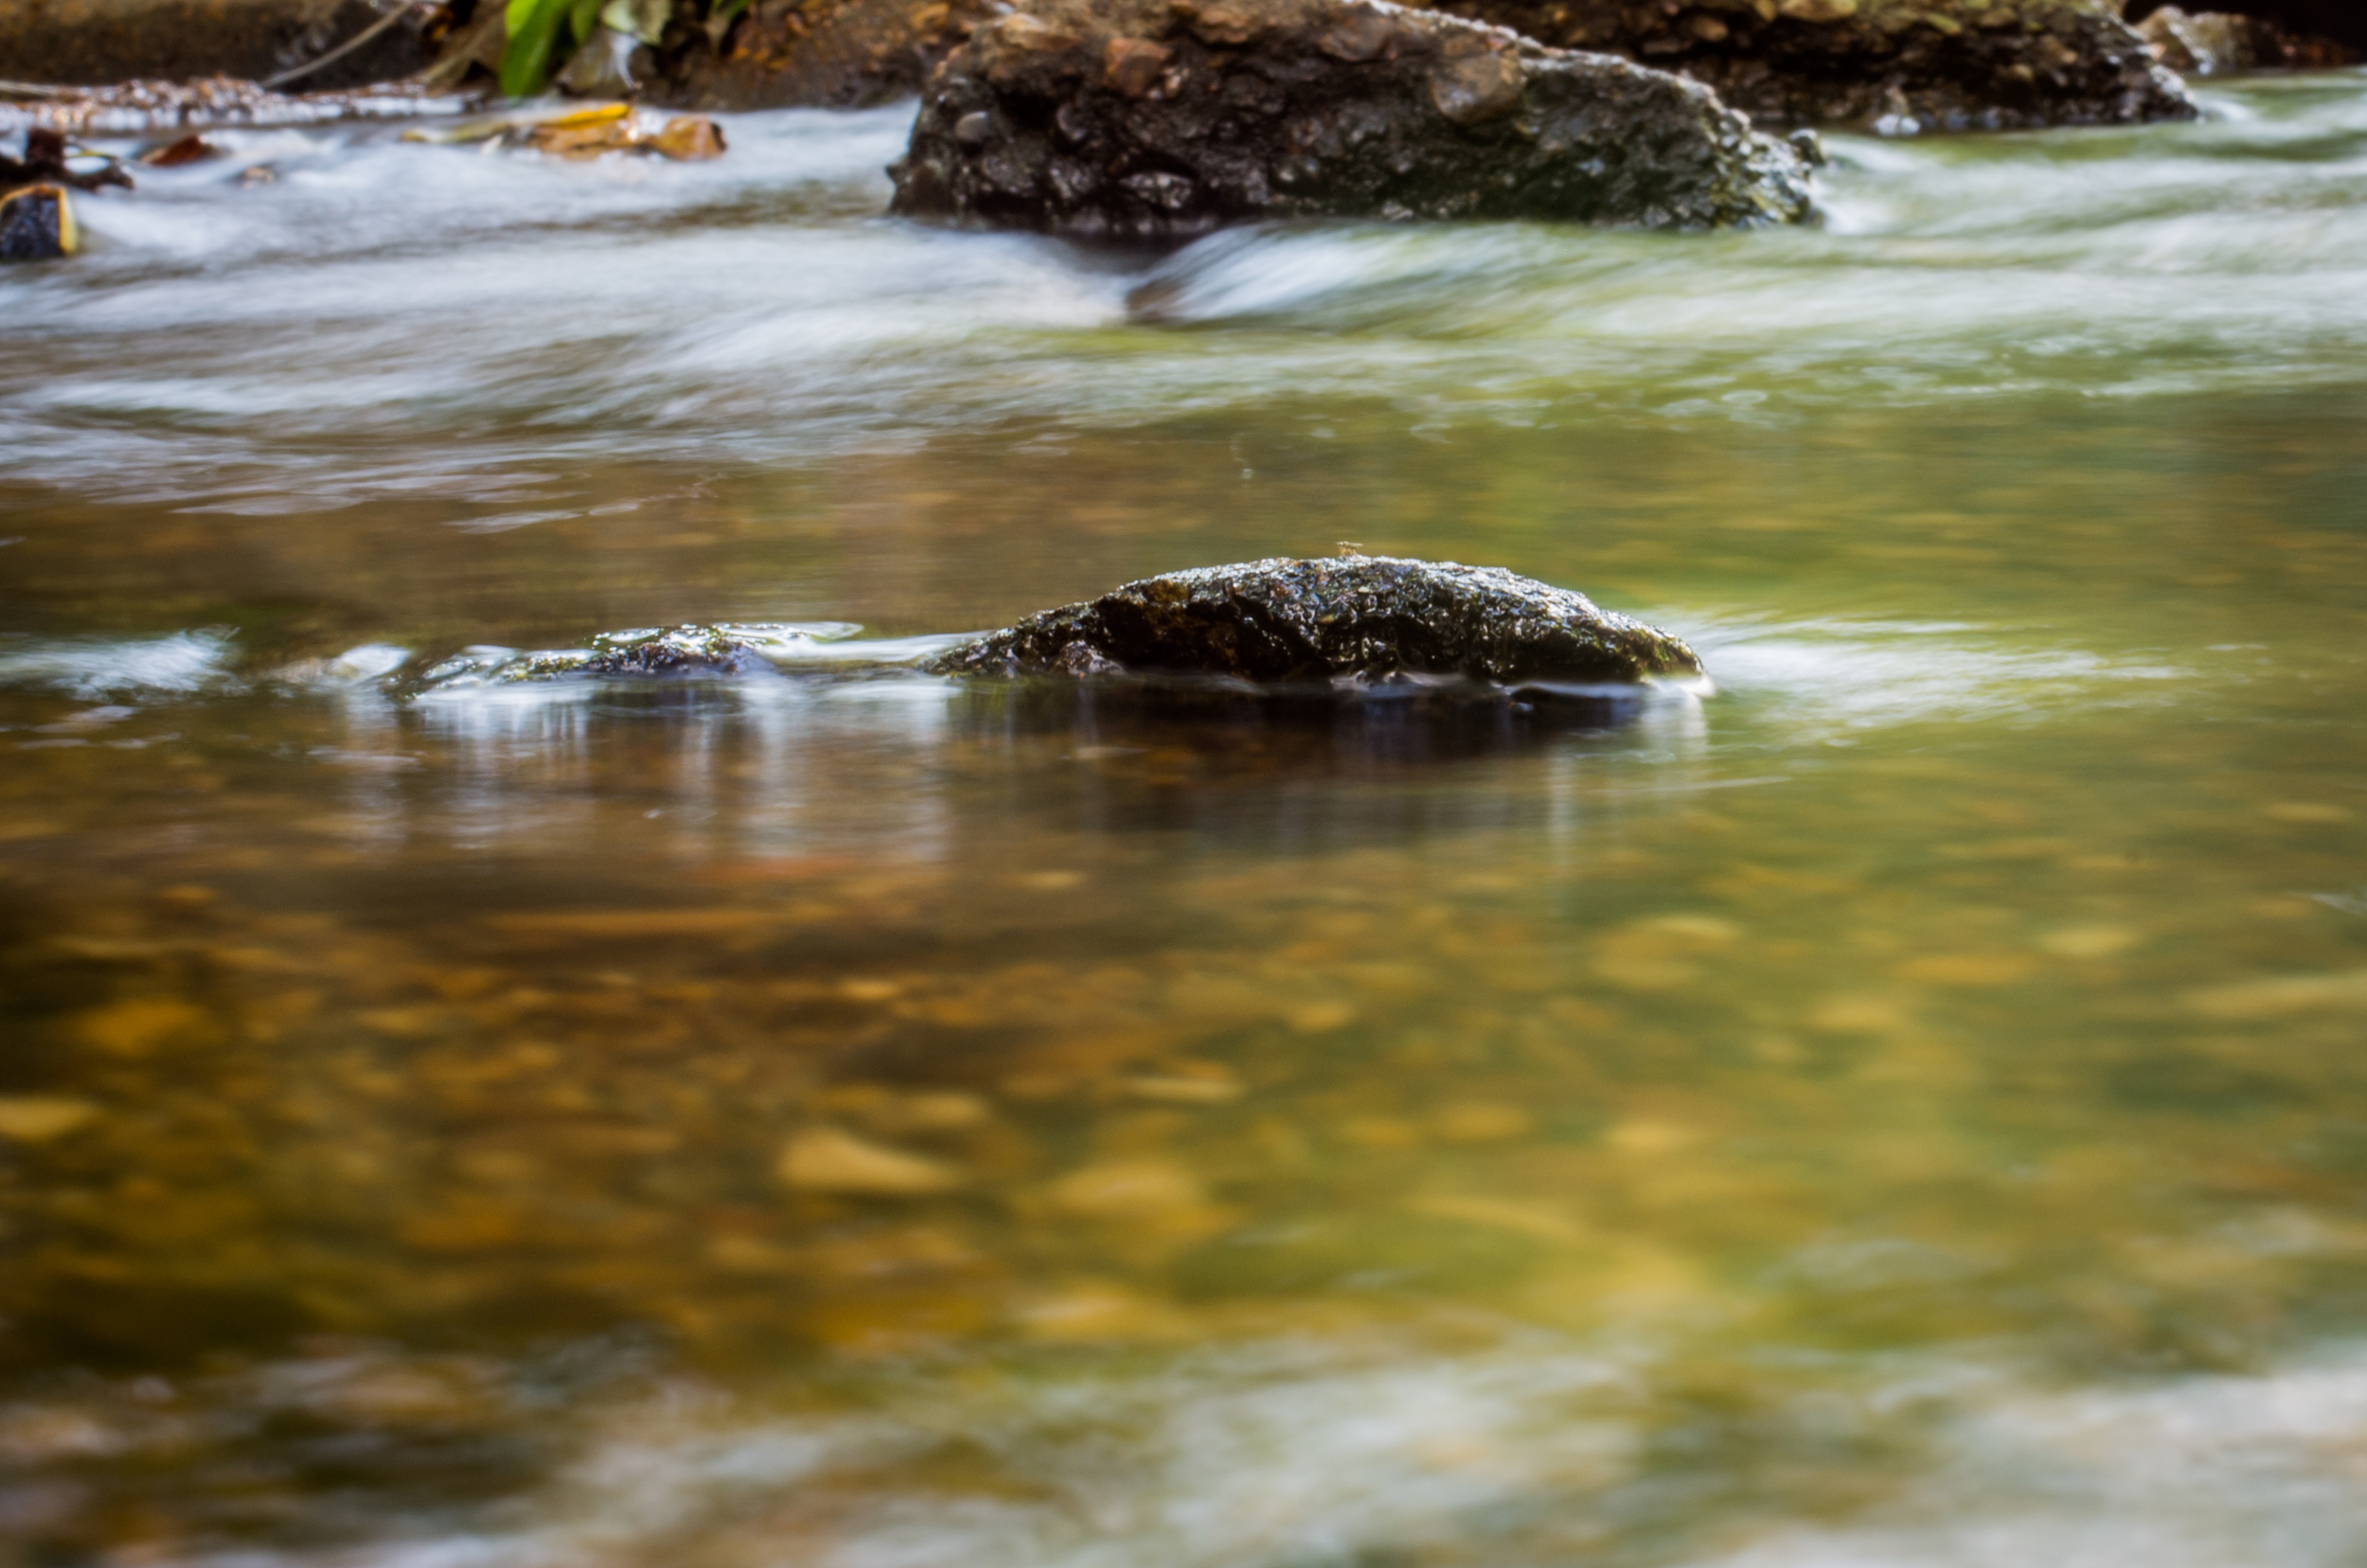 20140831-Heman Park Water-PMG_6201.jpg